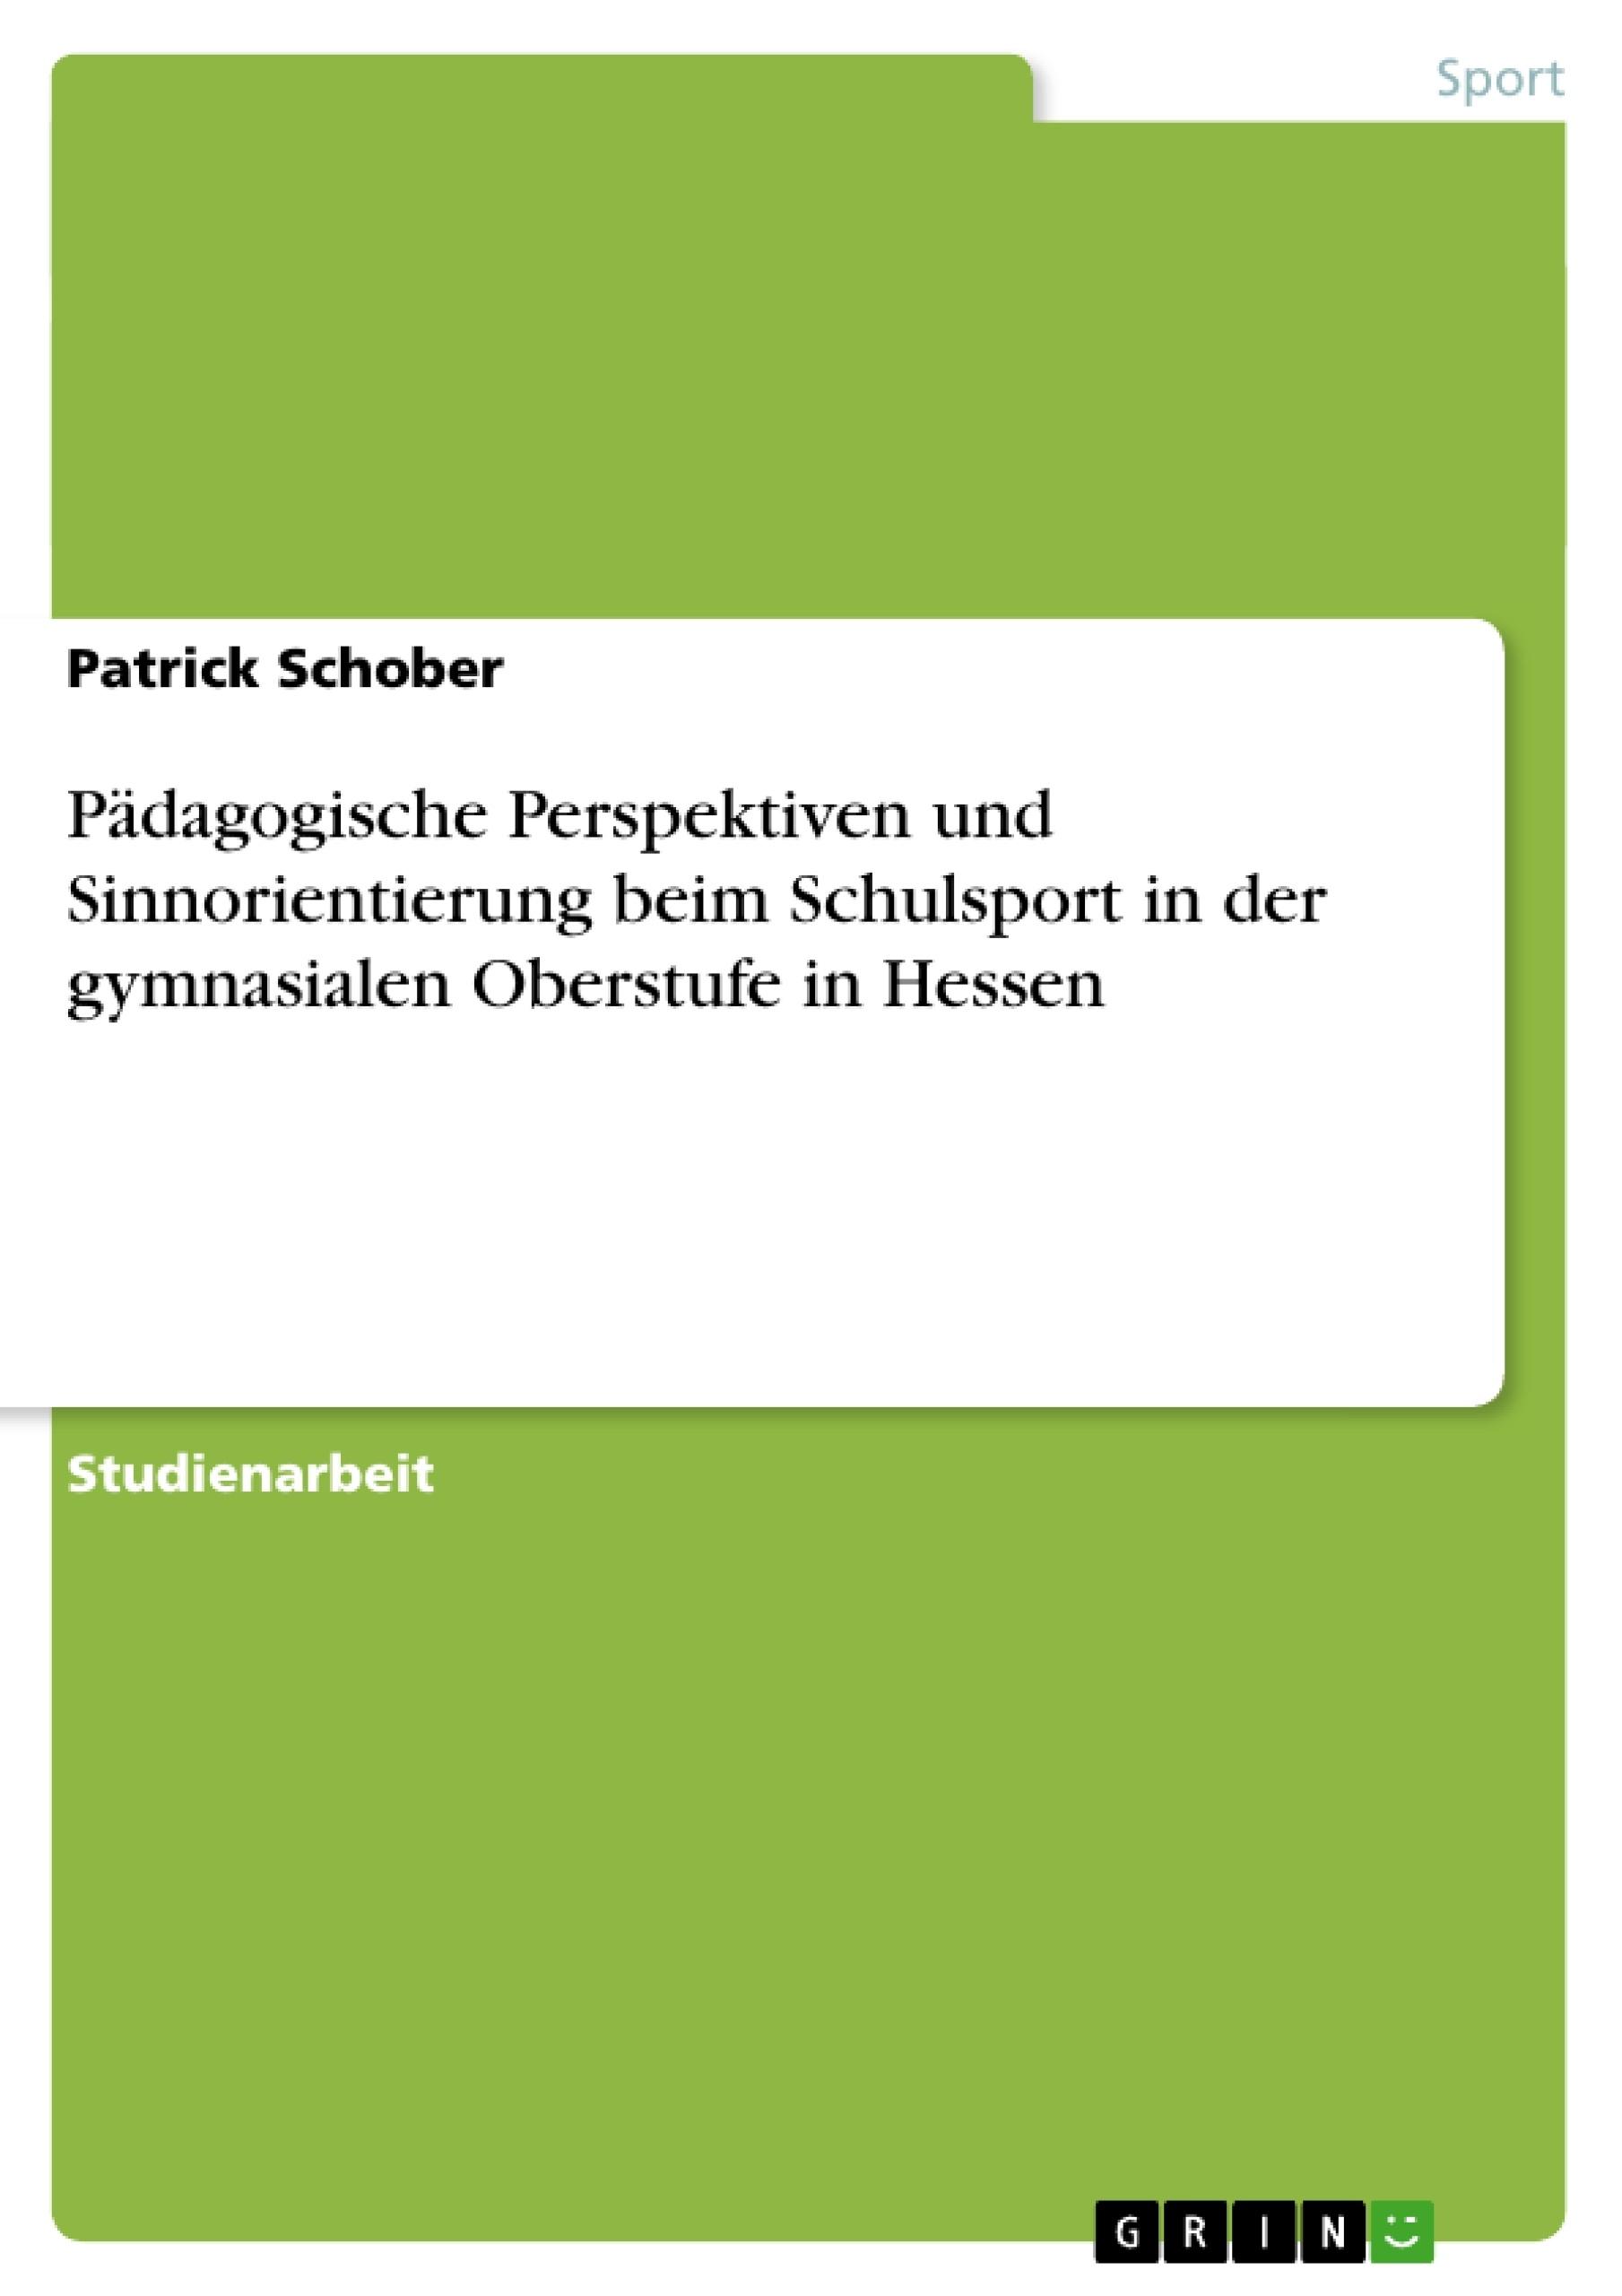 Titel: Pädagogische Perspektiven und Sinnorientierung beim Schulsport in der gymnasialen Oberstufe in Hessen